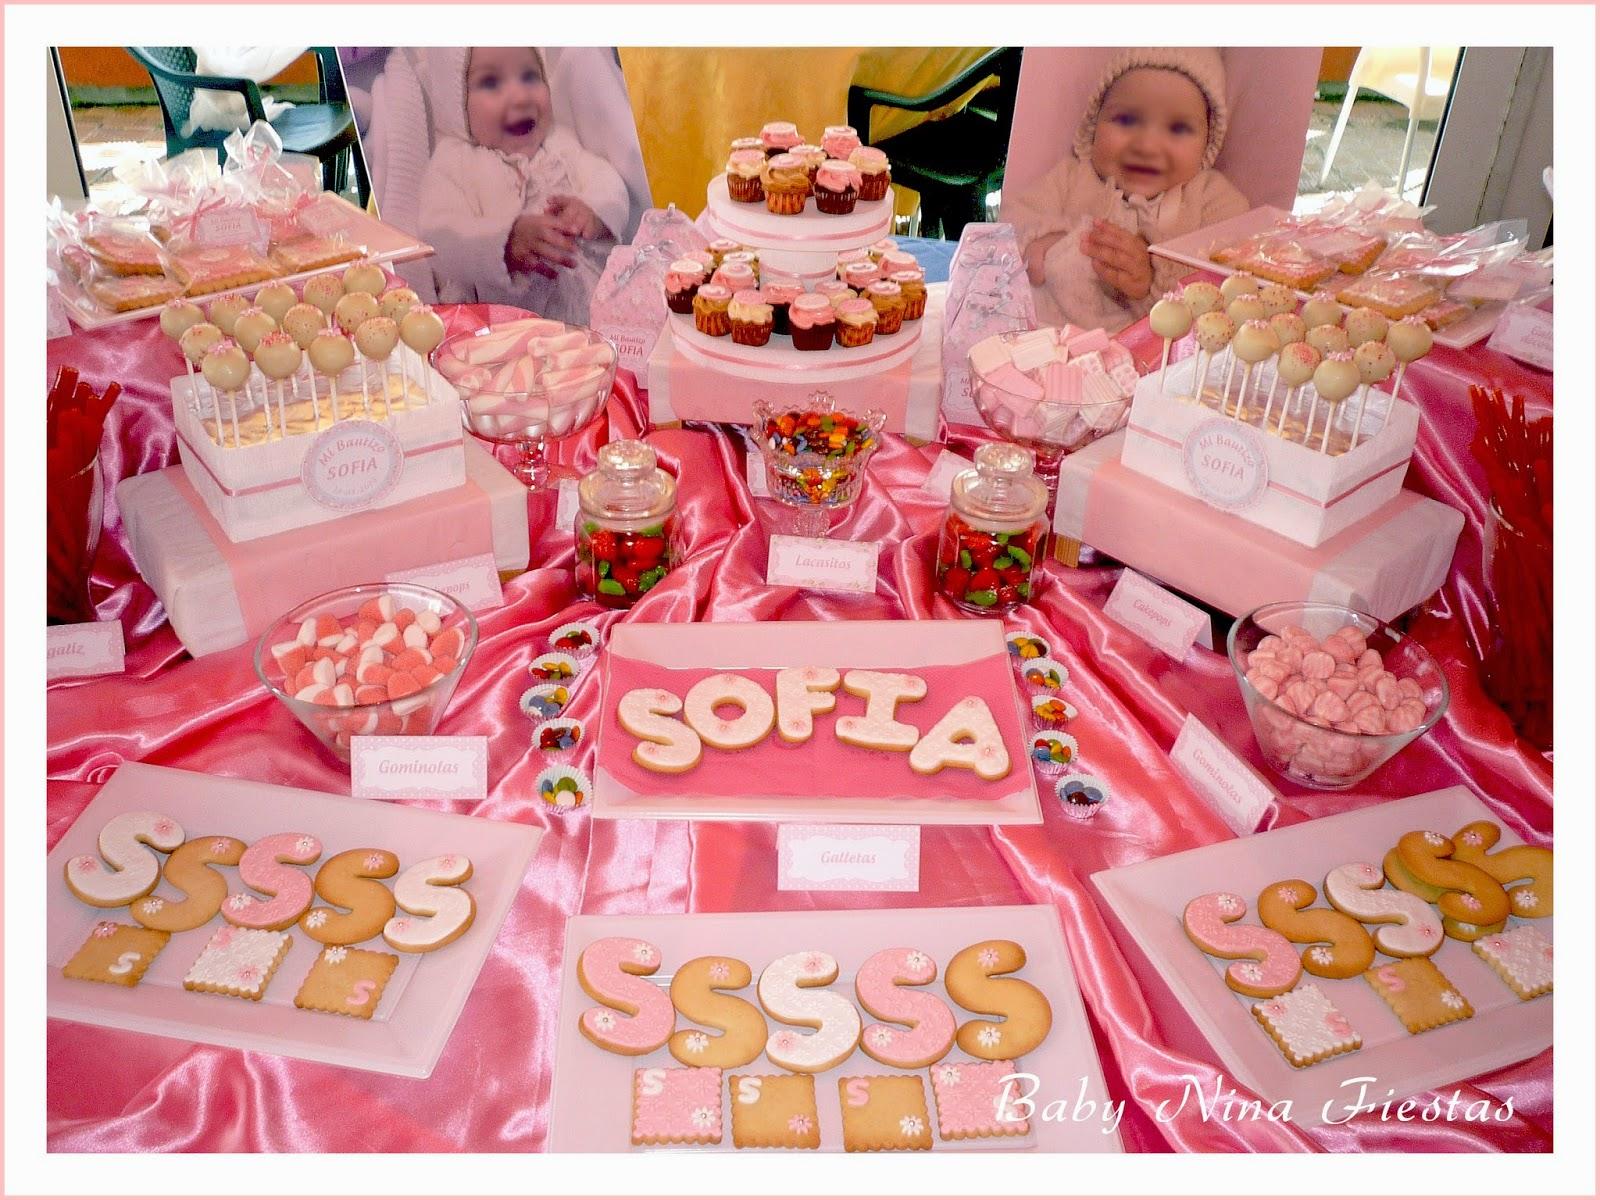 Baby nina fiestas bautizo de sofia for Mesa de dulces para bautizo de nina